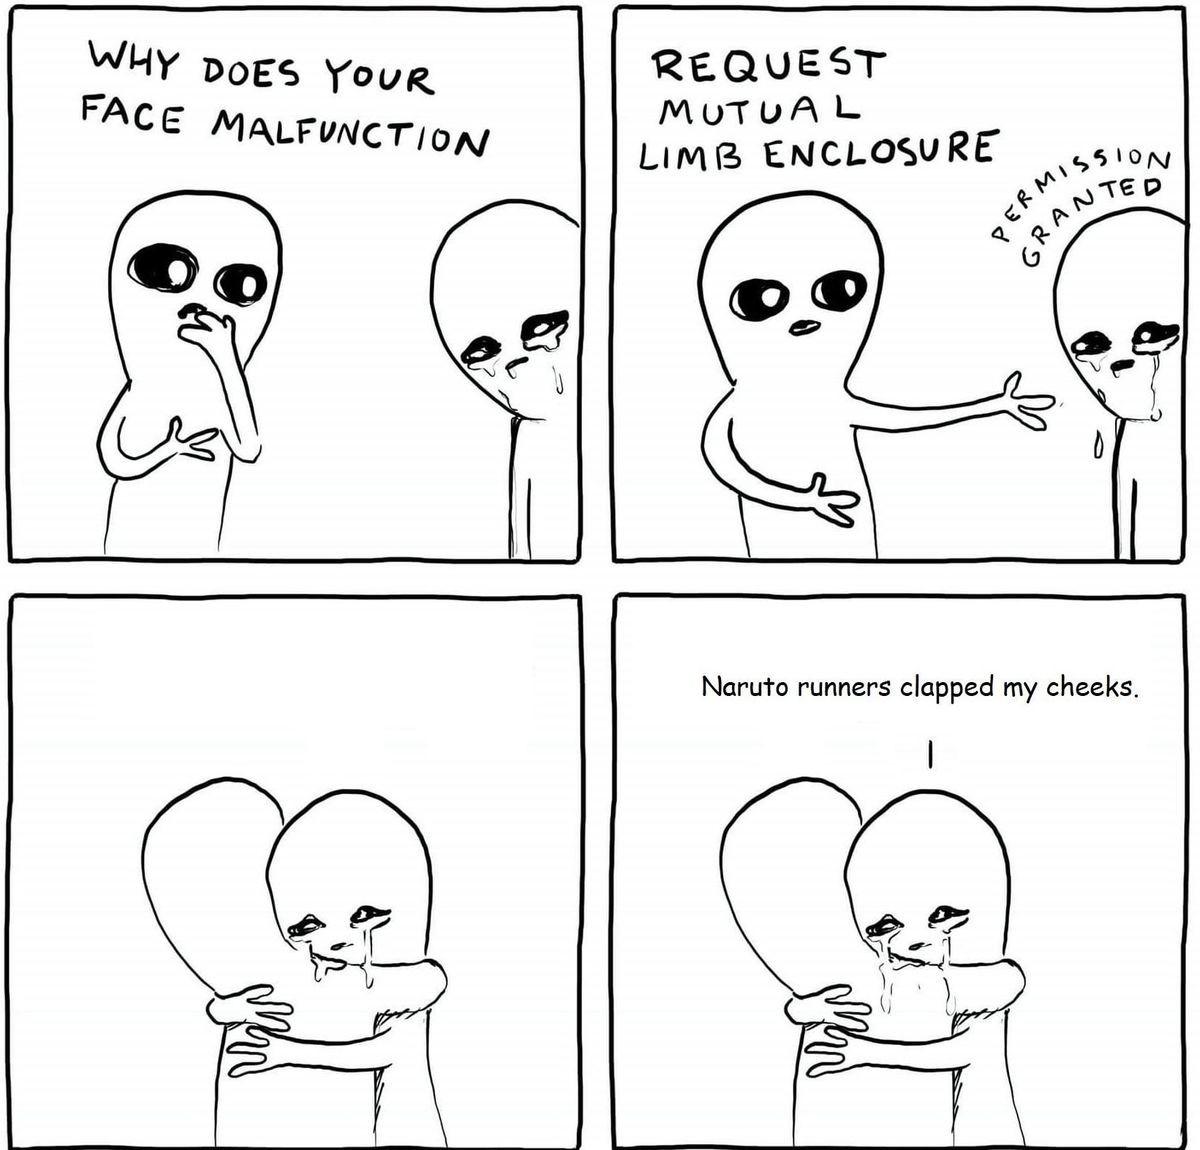 RIP Aliens. .. ayy not lmao